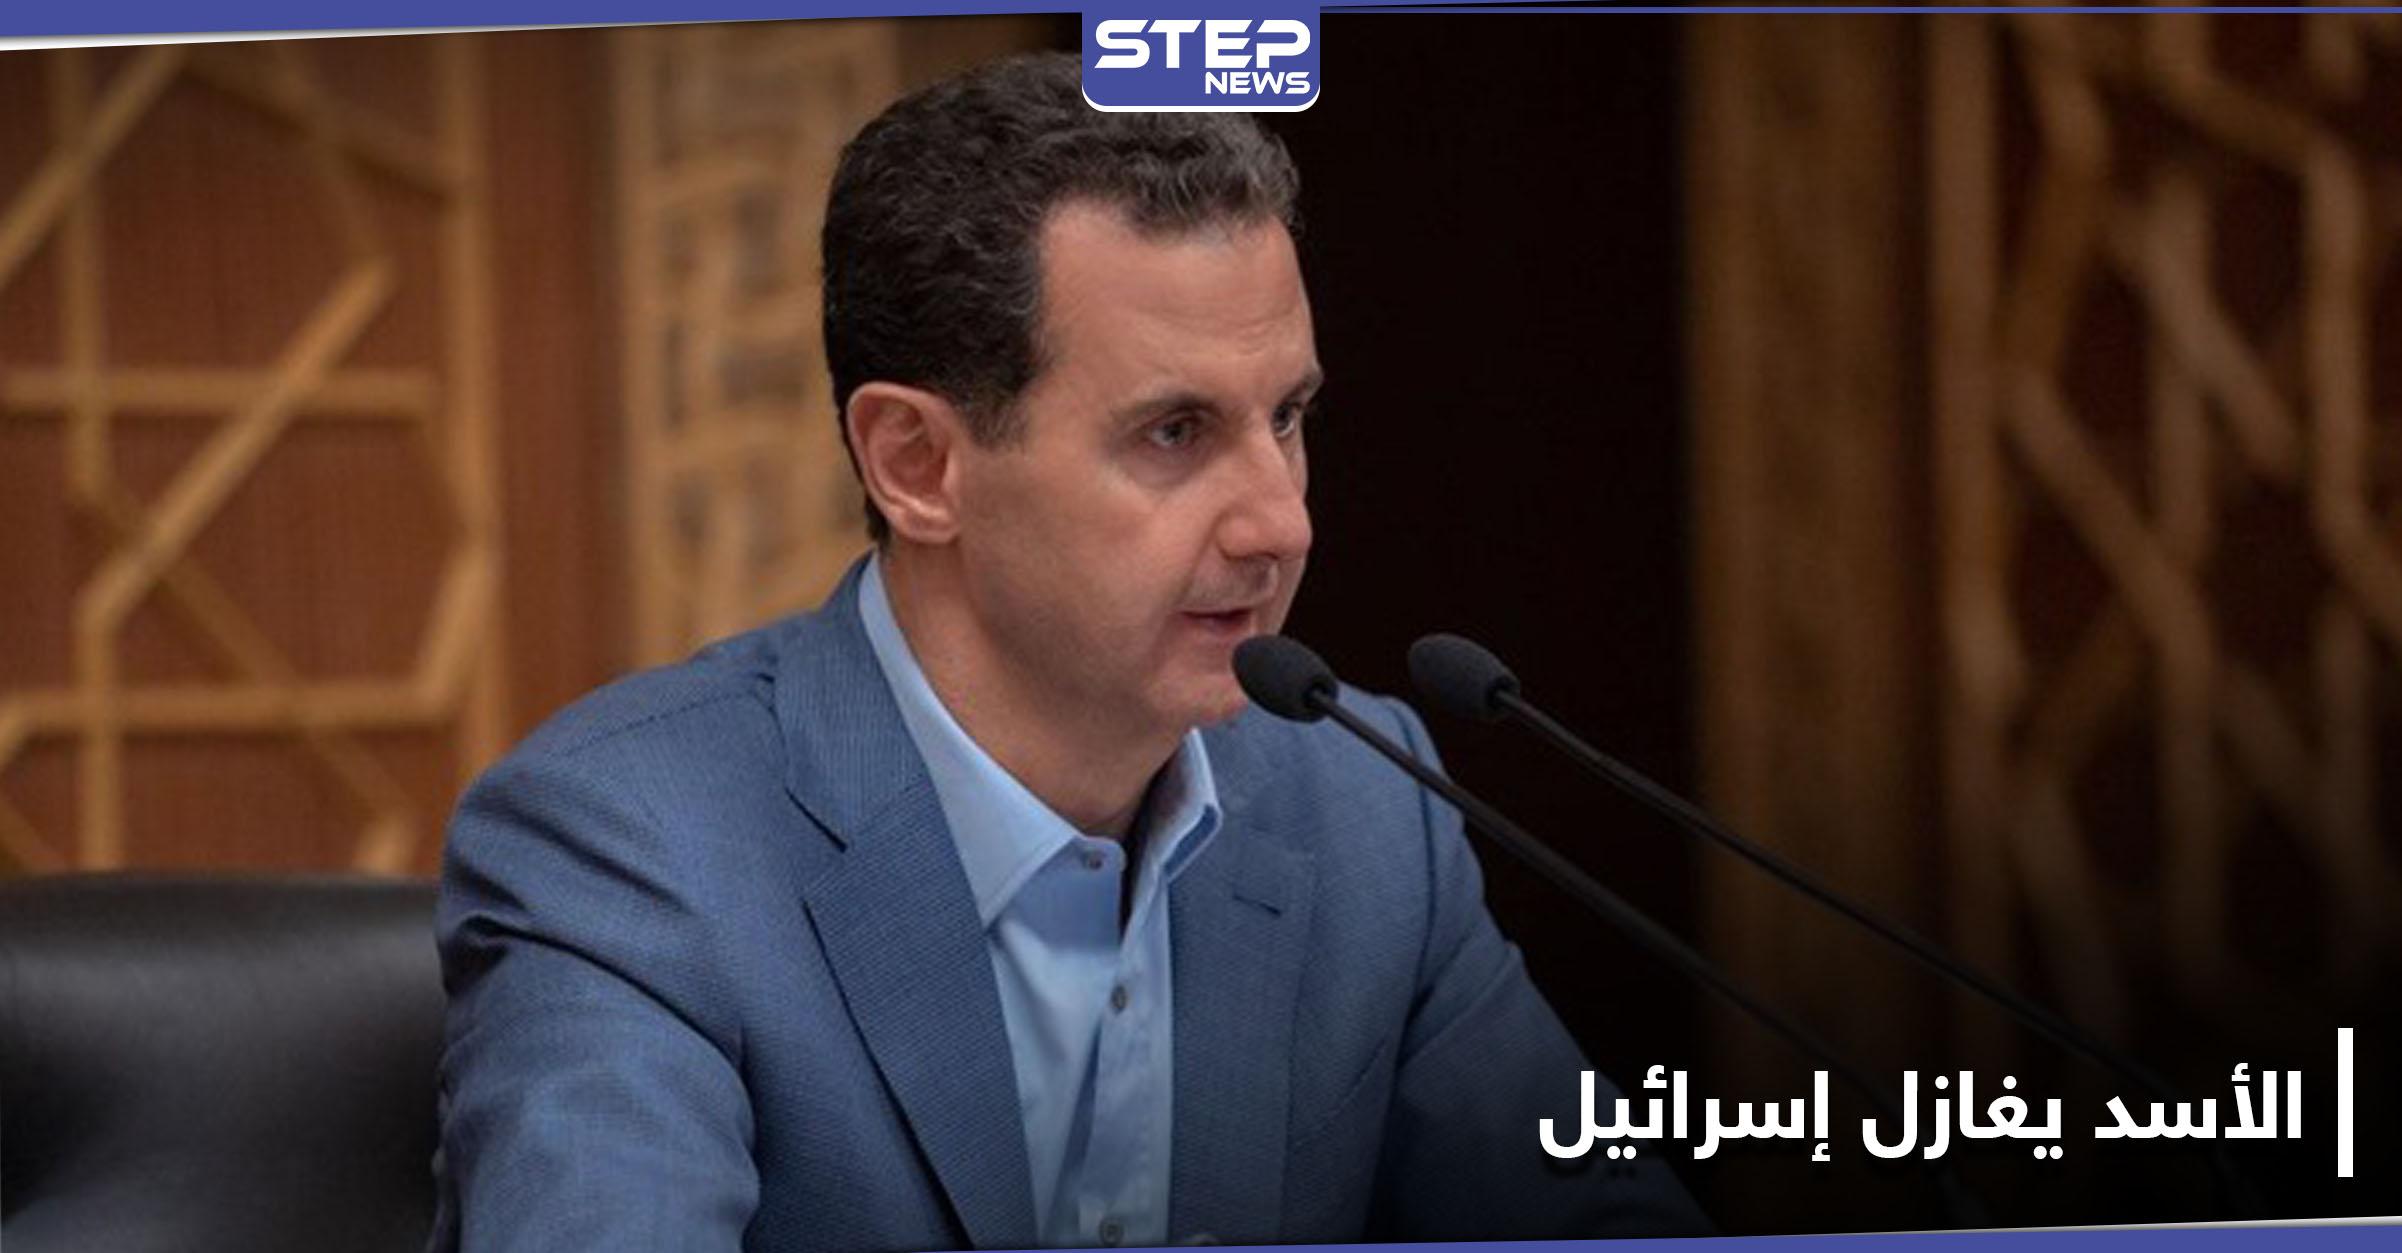 بشار الأسد طلب من الروس الاتصال بنتنياهو واستئناف مباحثات السلام